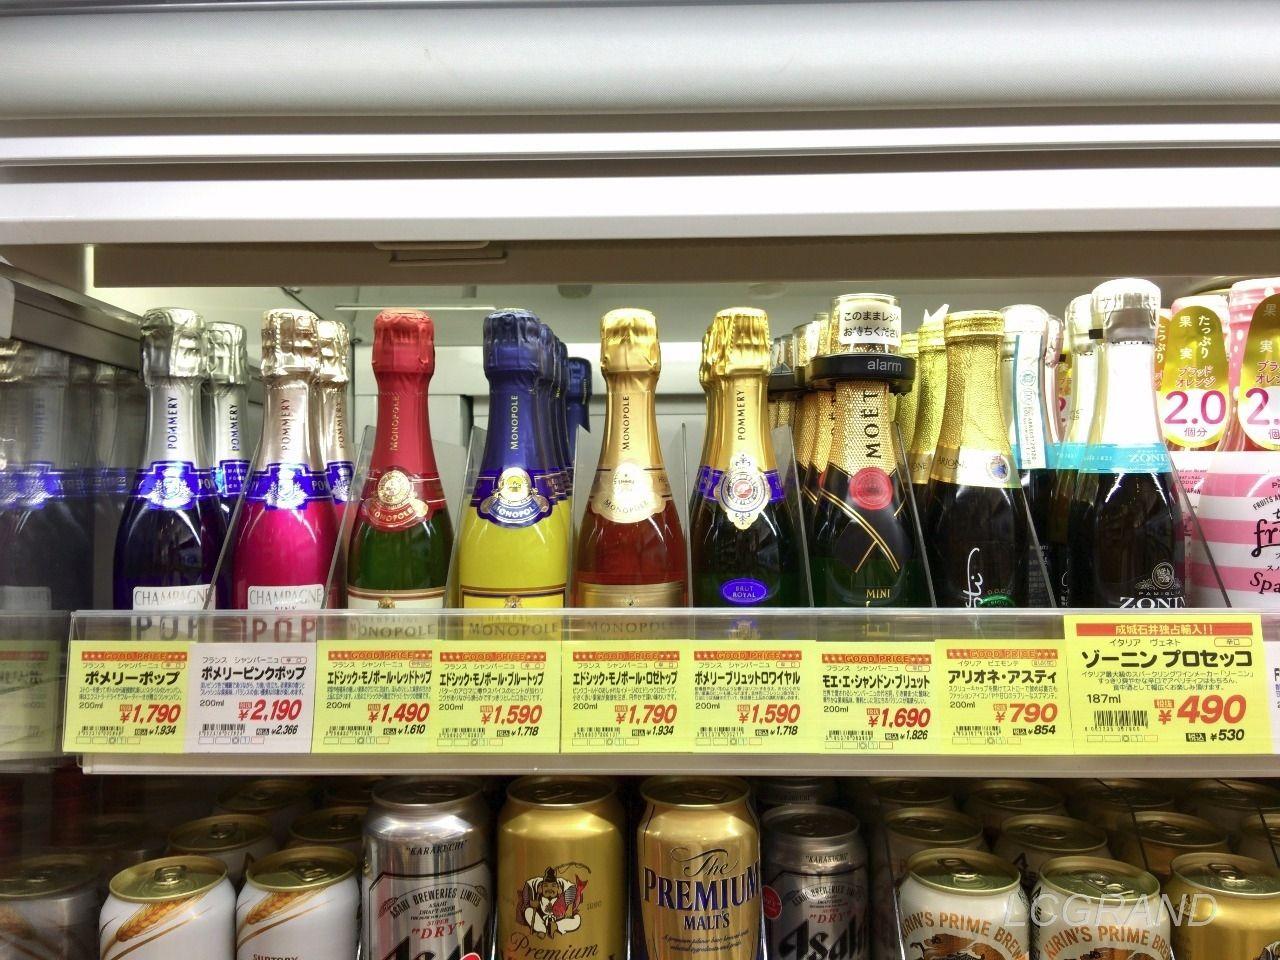 成城石井桜新町店のミニボトルのシャンパン